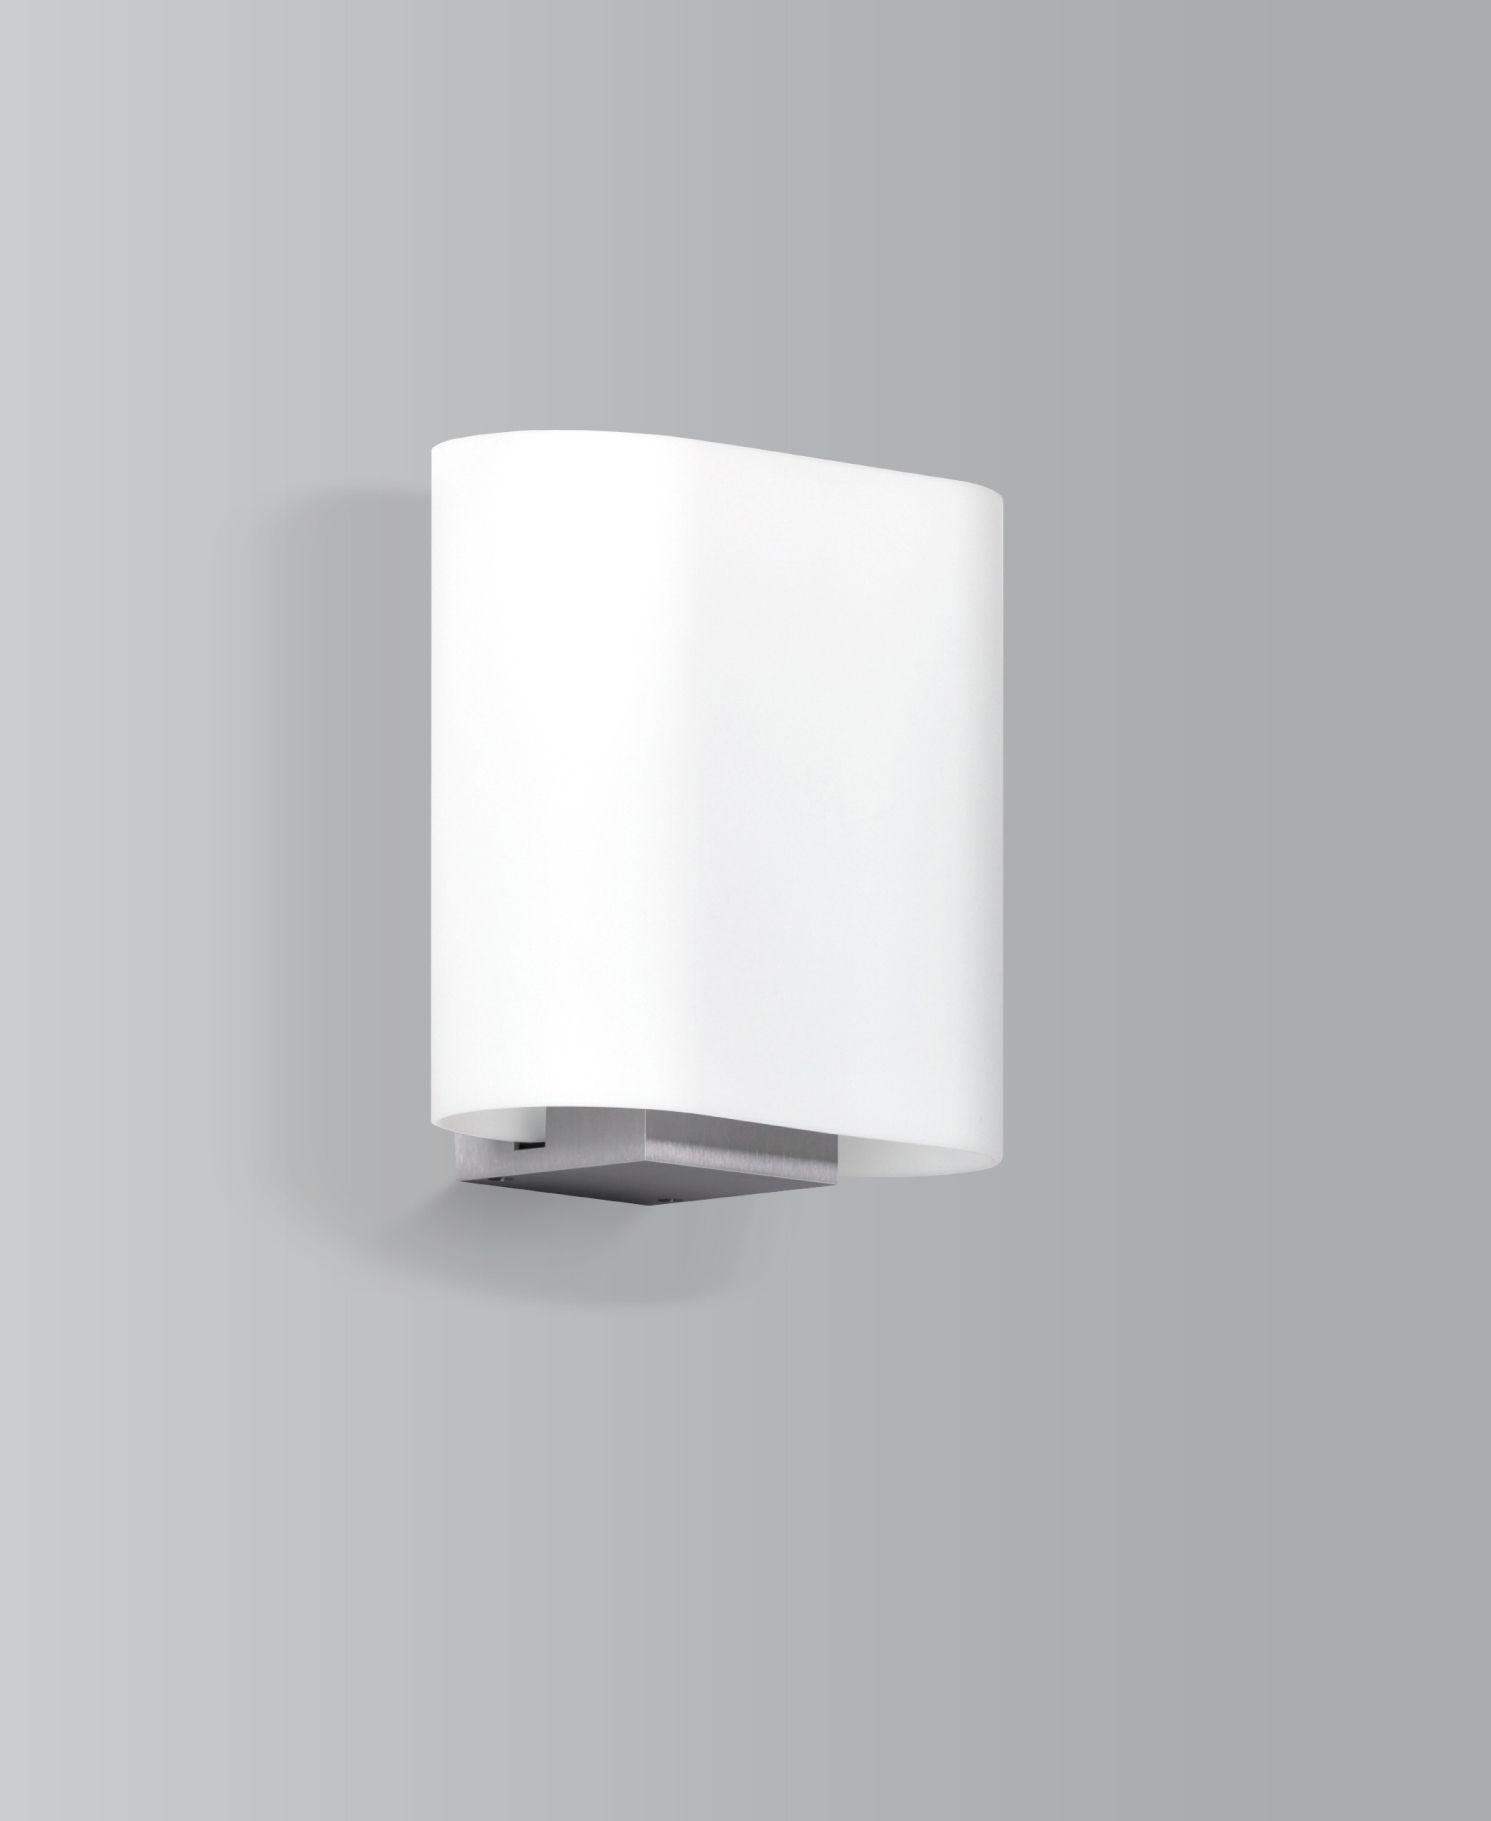 Das besondere an ser Leuchte ist äußerst präzise Aluminium Armatur kaum wahrnehmbar und